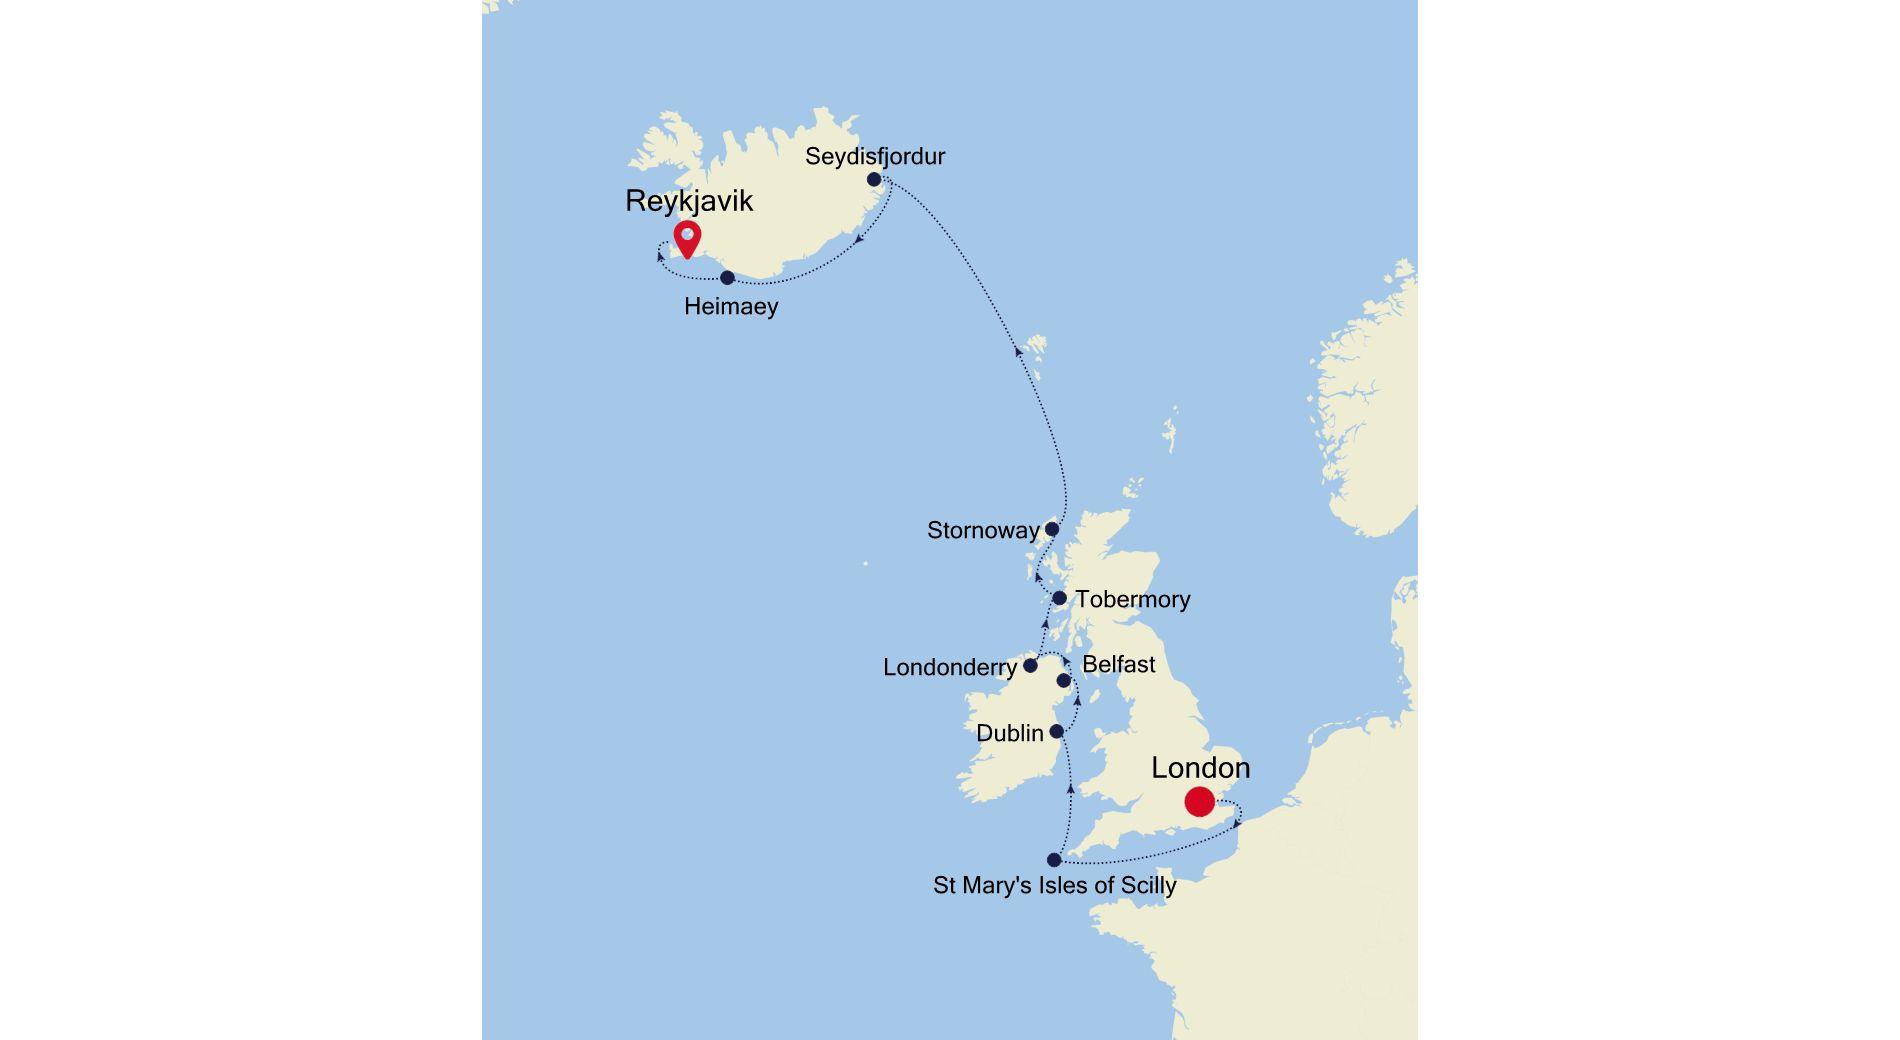 2924 - London to Reykjavik